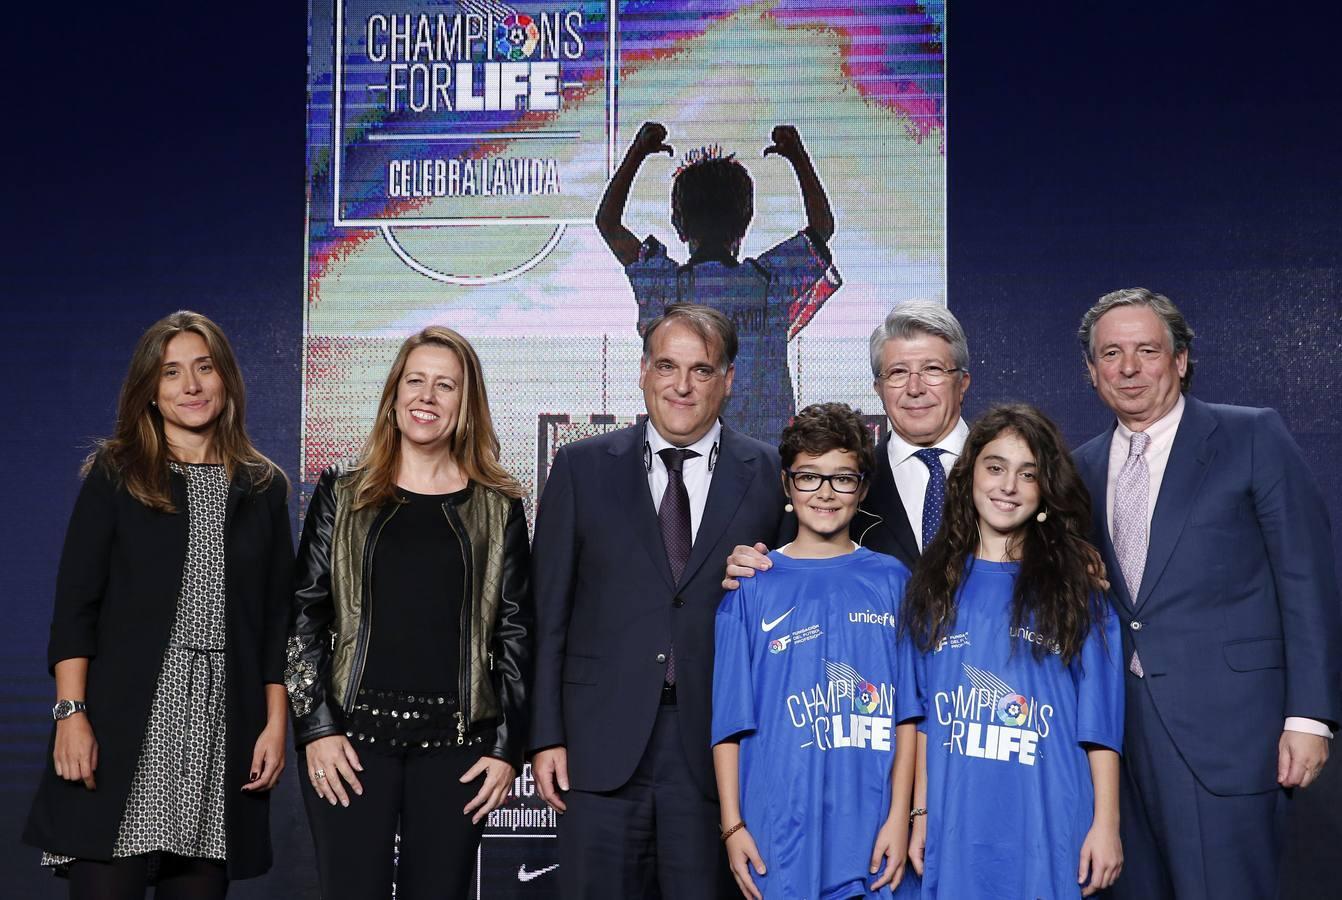 Atlético: presentado el Champions for Life